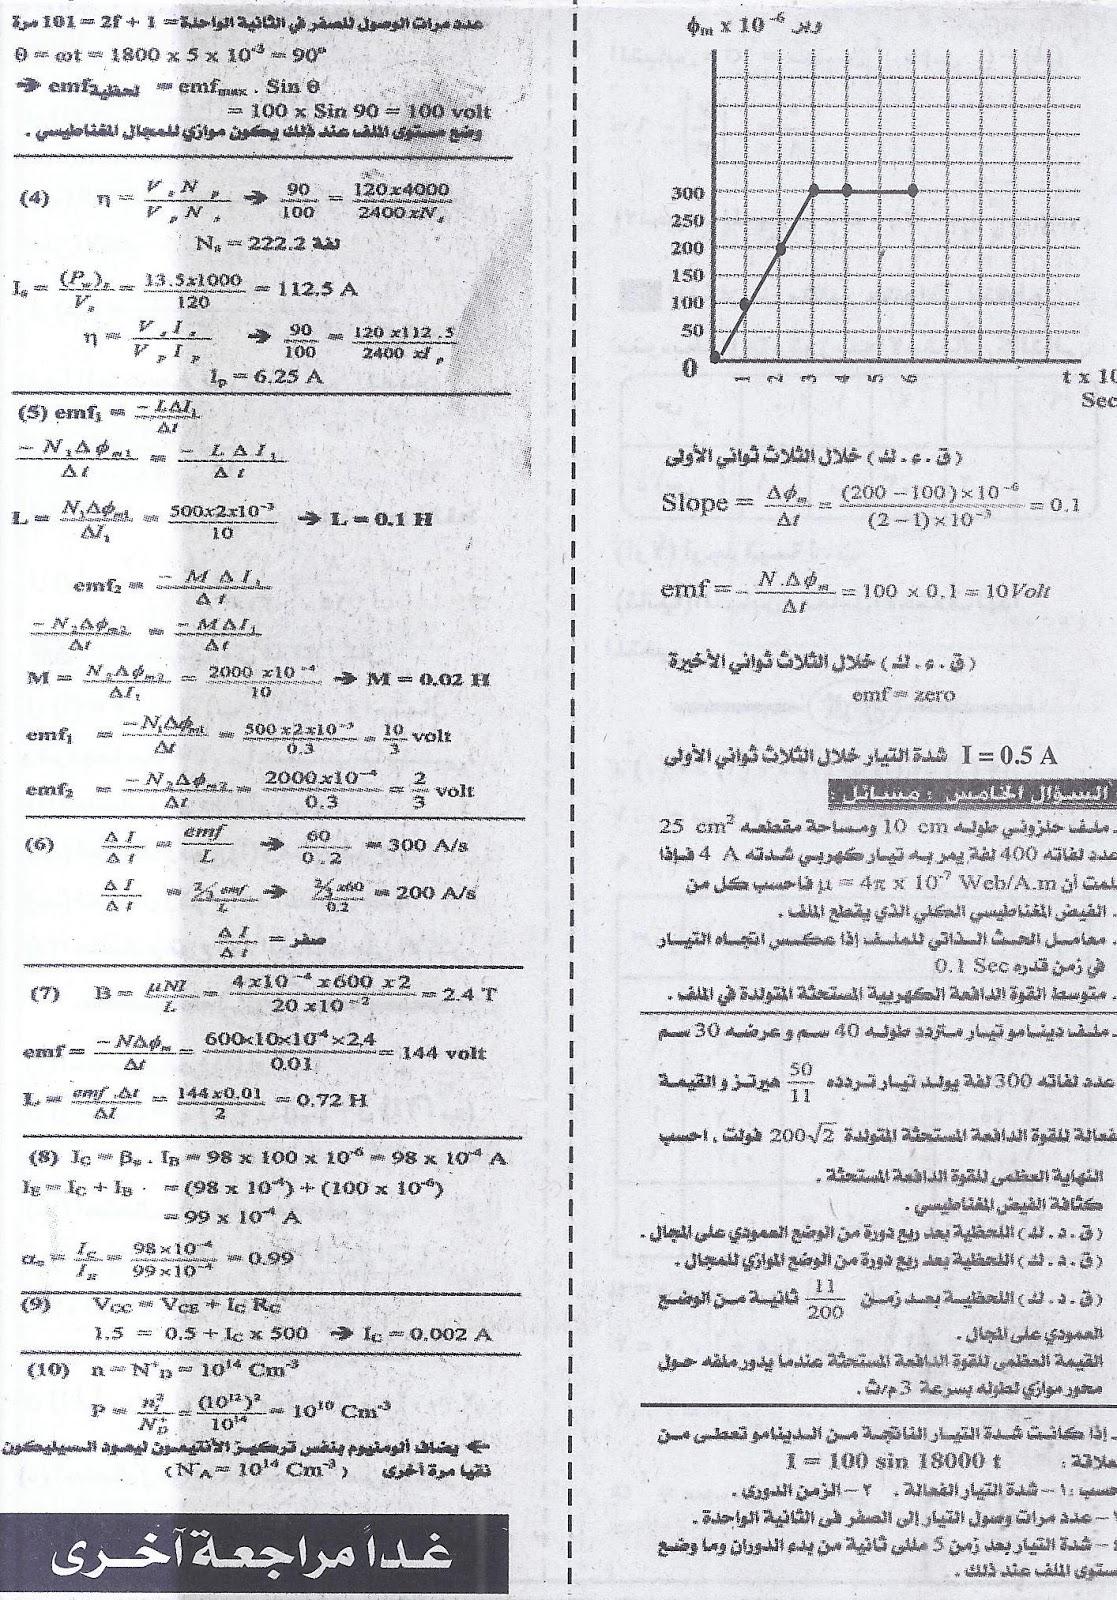 ملحق الجمهورية: مراجعة فيزياء الثانوية العامة 7/6/2016 11